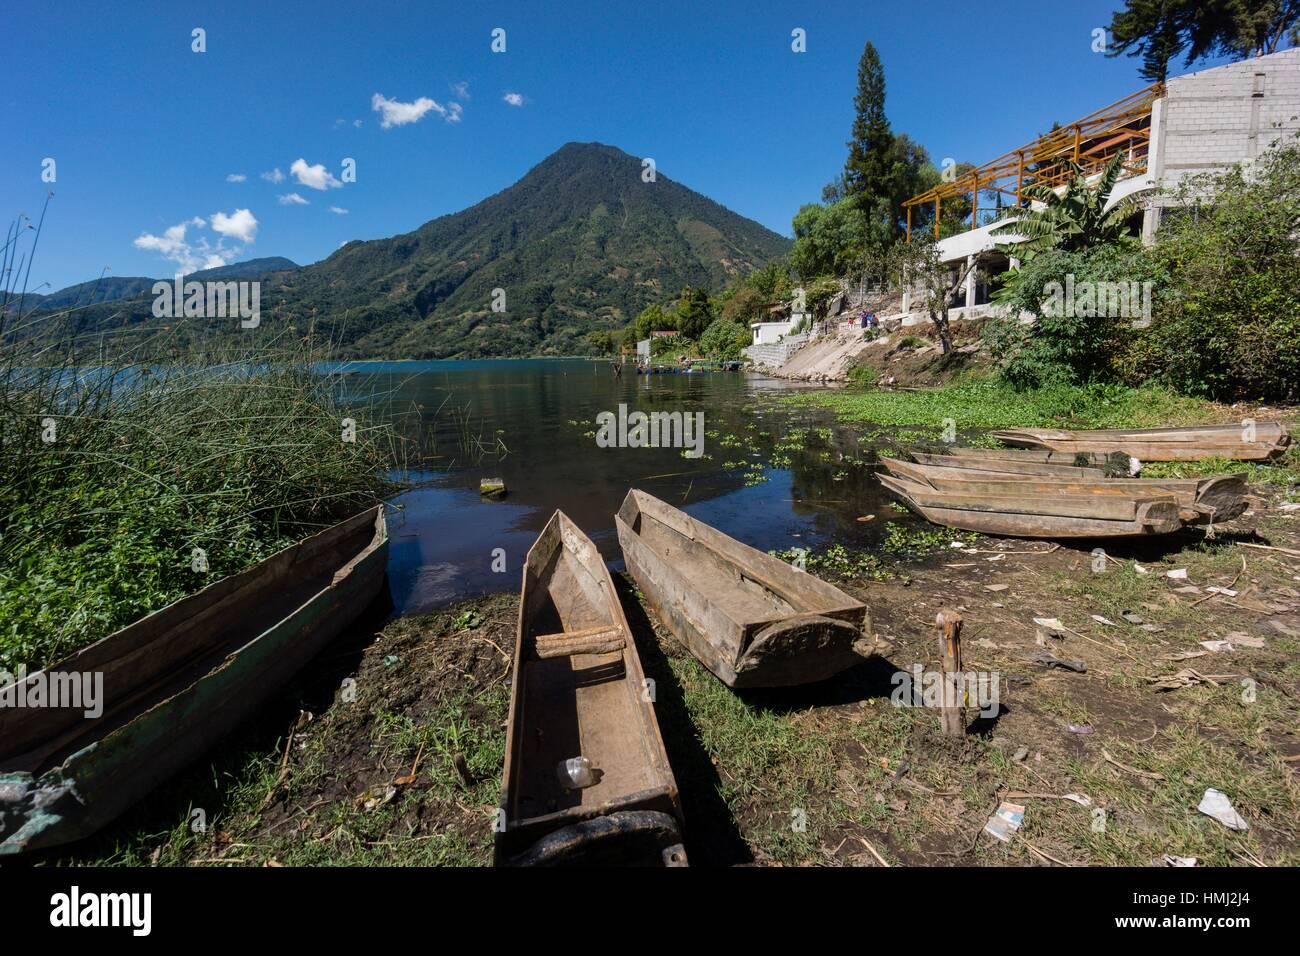 Cayucos varados frente al volcán San Pedro, suroeste de la caldera del lago de Atitlán , Santiago Atitlán. - Stock Image